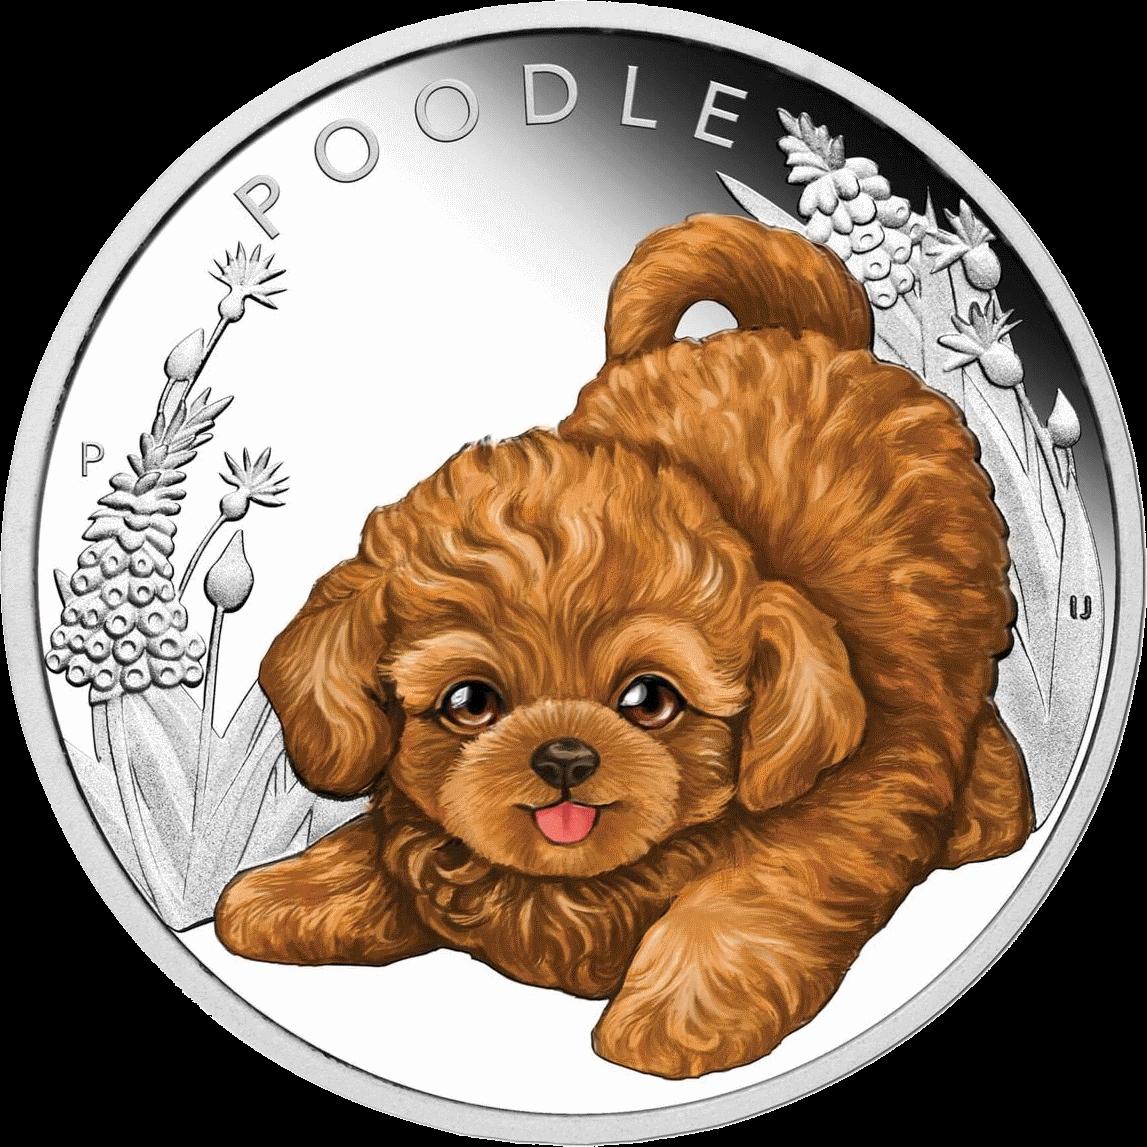 Тувалу монета 50 центов Пудель, реверс